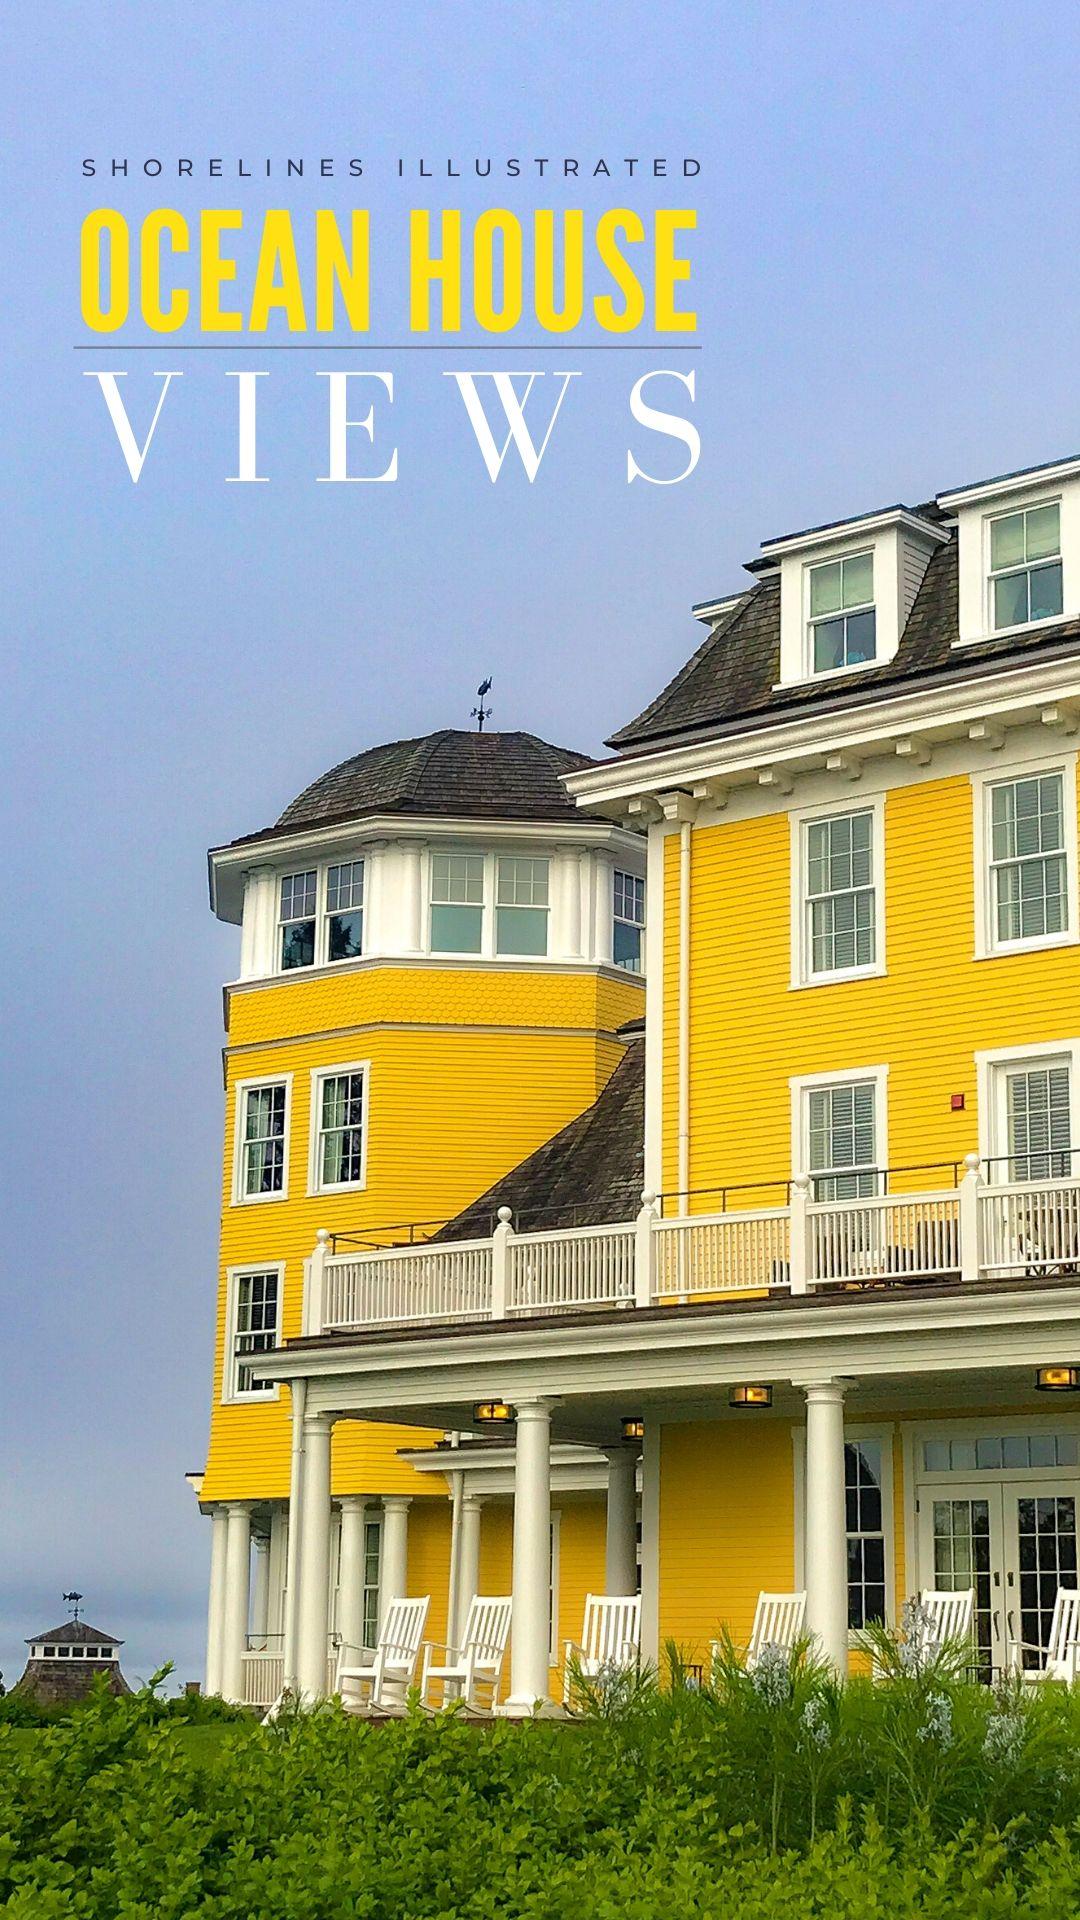 Ocean House Watch Hill Rhode Island PINS-6